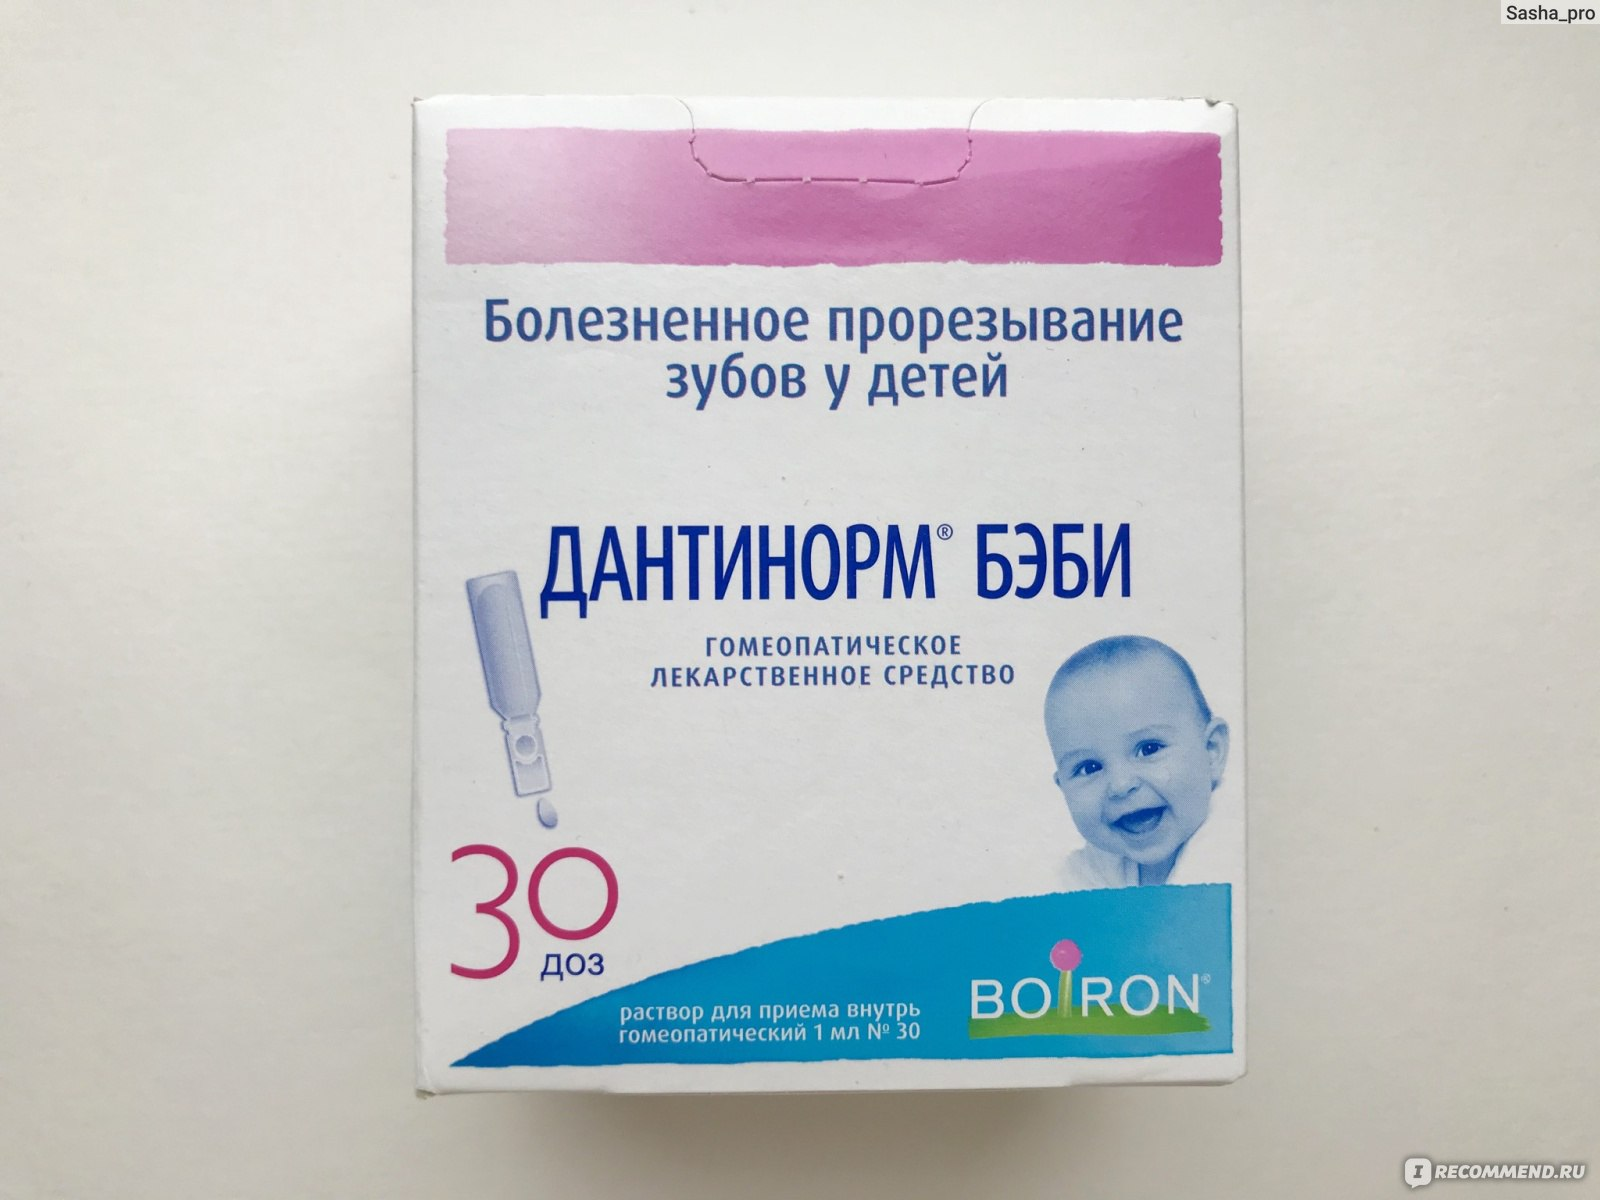 Температура при прорезывании зубов: сроки, особенности протекания и пределы температур